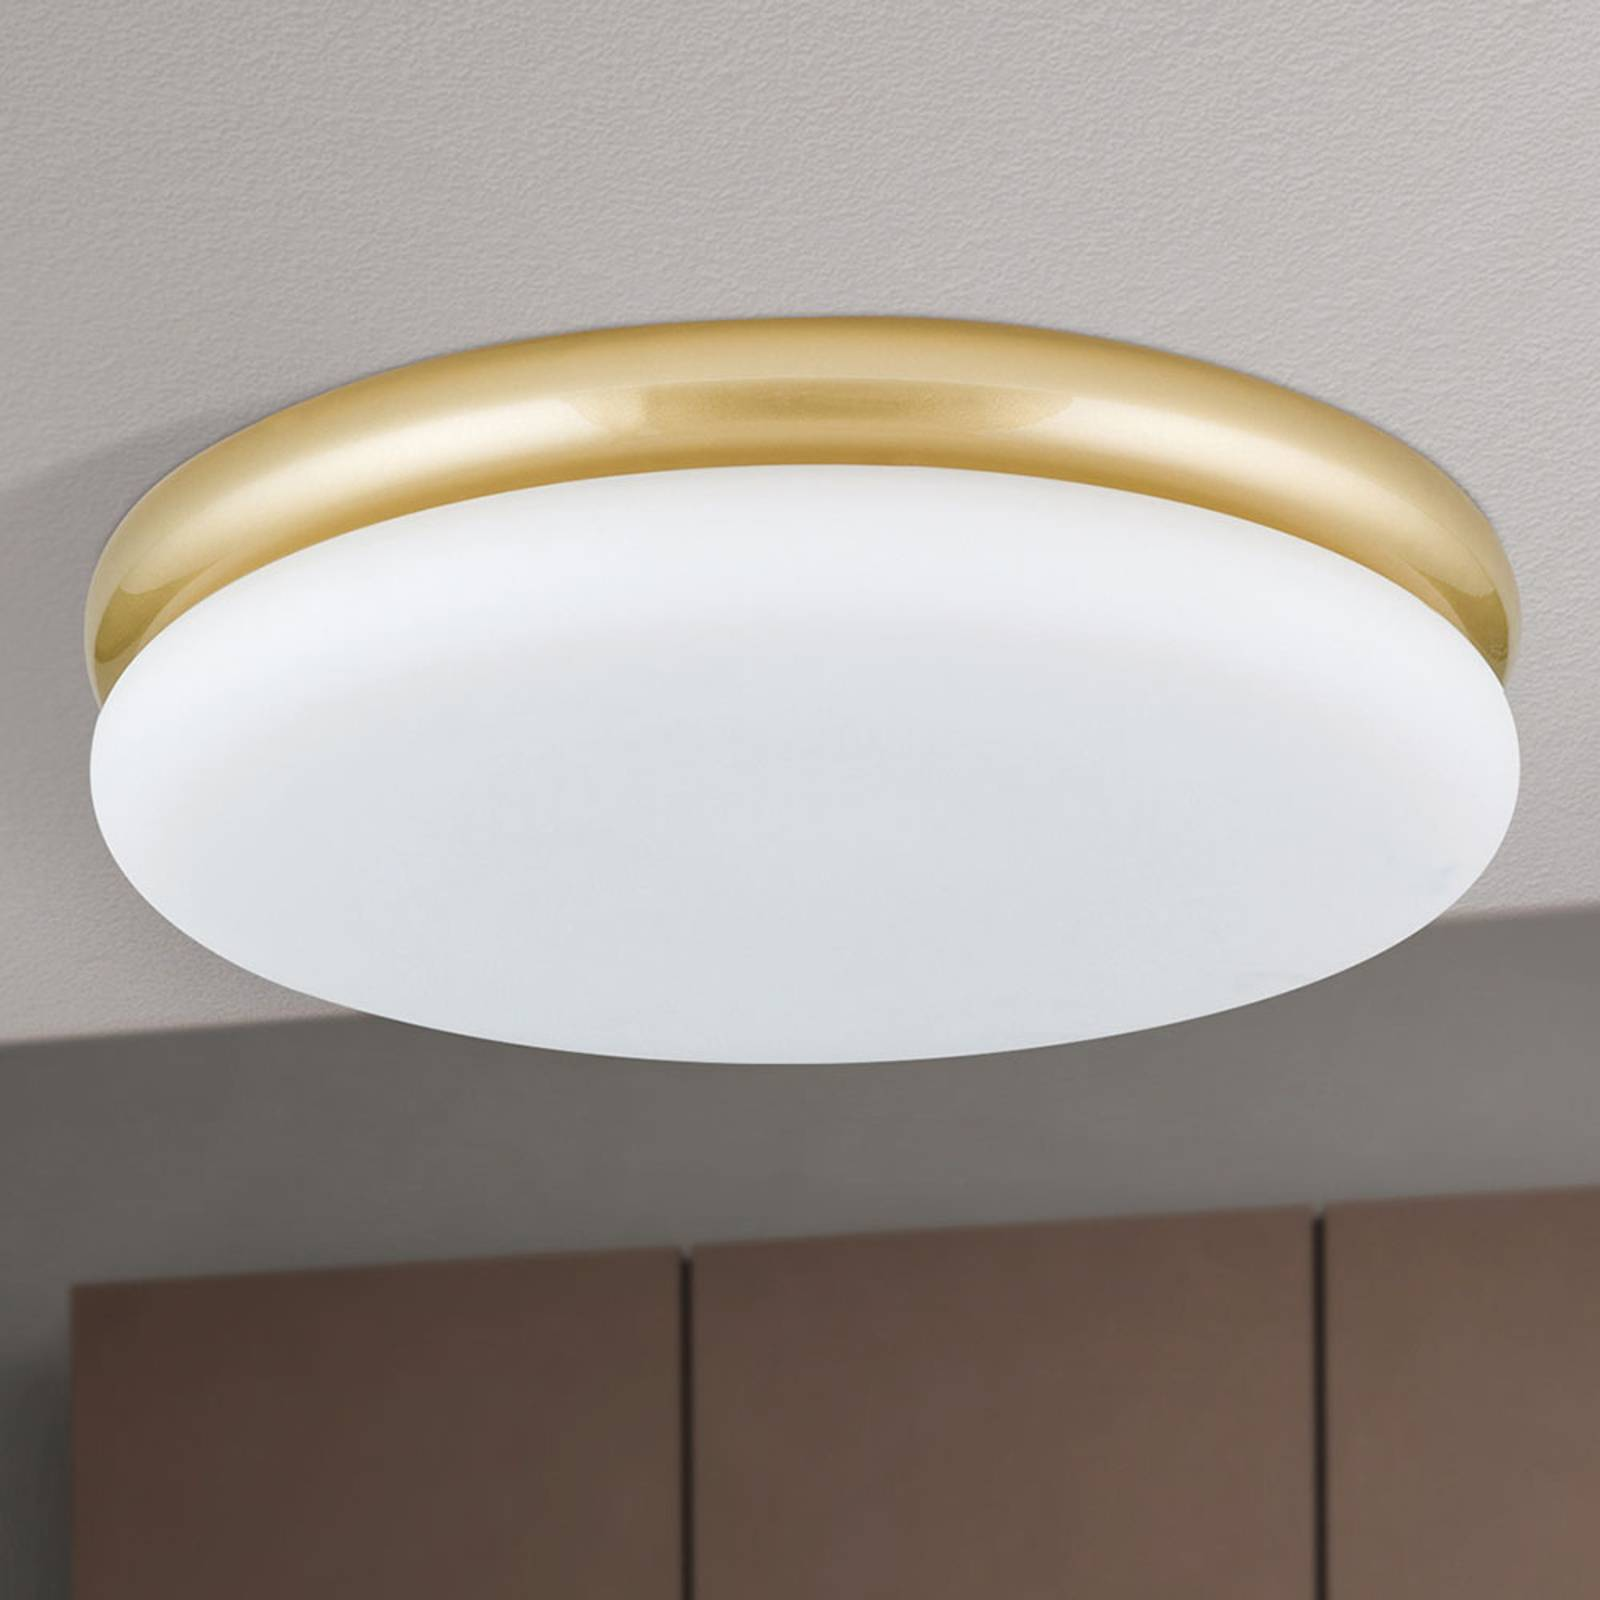 LED-kattovalaisin James, metallirunko, messinki